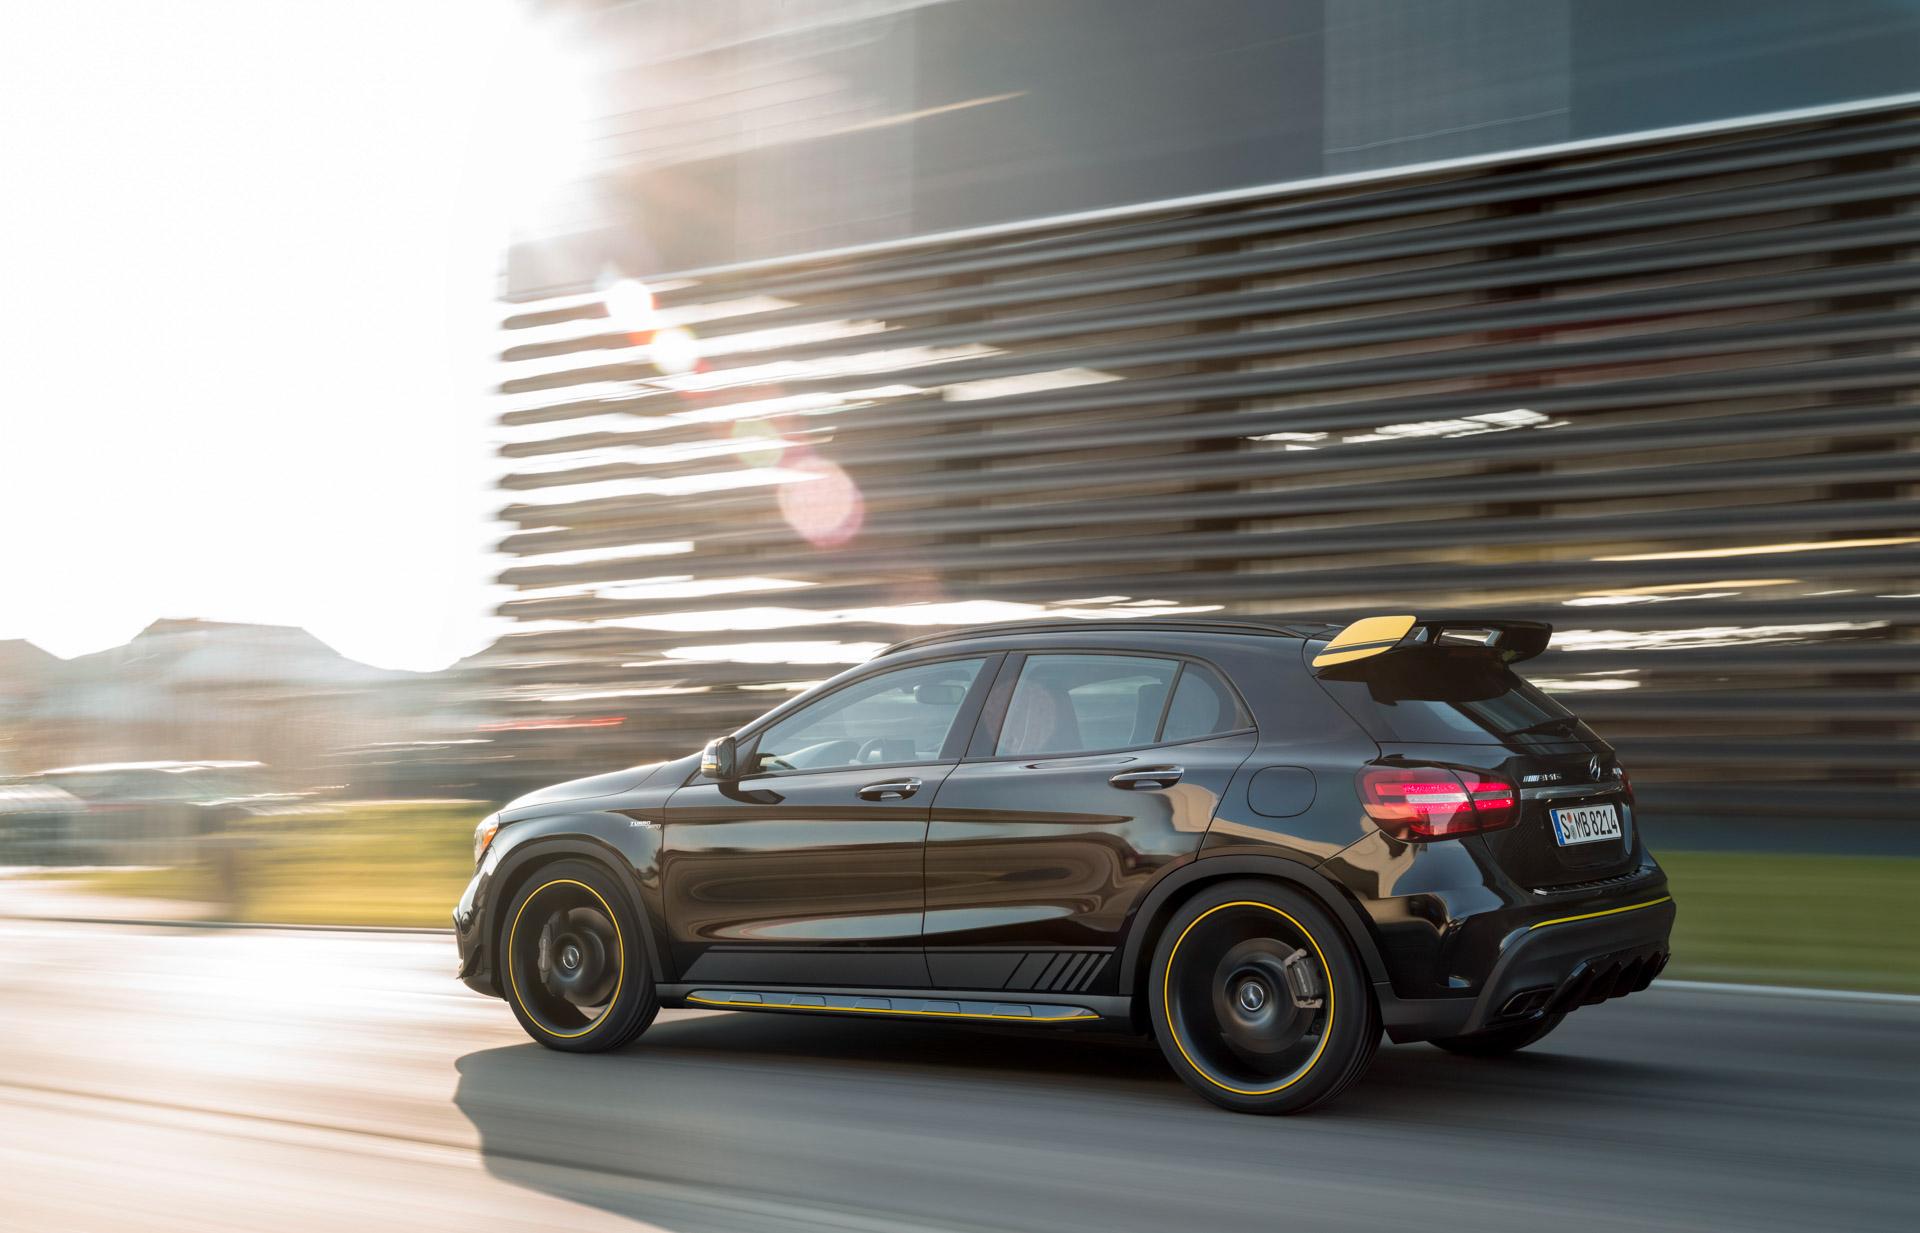 Mercedes-Benz AMG GLA 45 4MATIC Yellow Night Edition, cosmosschwarz, Fahraufnahme ;Kraftstoffverbrauch kombiniert: 7,4 l/100 km, CO2-Emissionen kombiniert: 172 g/km Mercedes-Benz AMG GLA 45 4MATIC Yellow Night Edition, cosmos black, driving shot; Fuel consumption combined:  7.4 l/100km; Combined CO2 emissions: 172 g/km